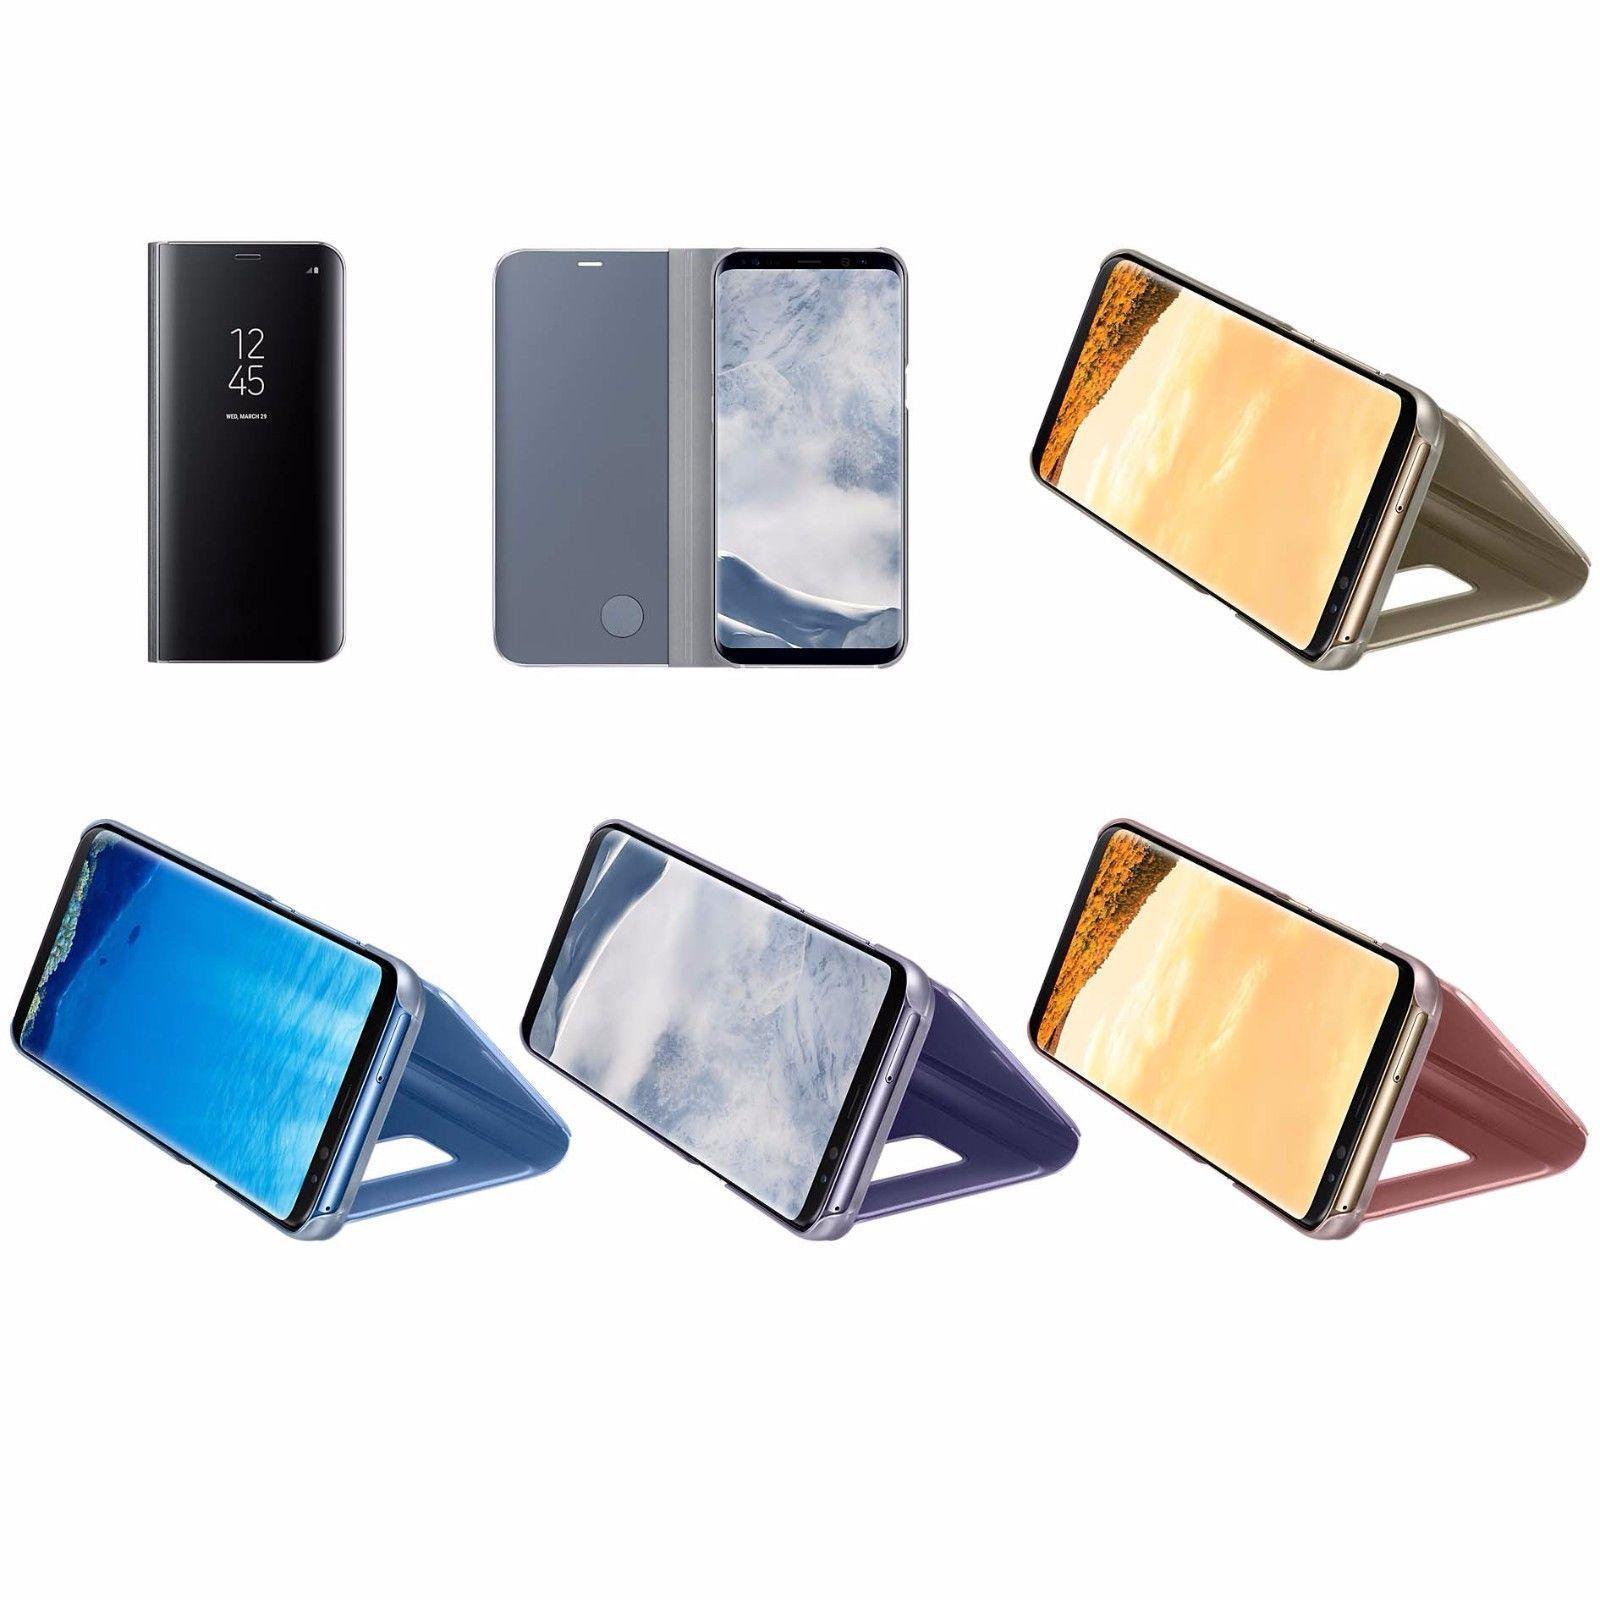 Permalink to Samsung Galaxy S8 Spesifikasi Terlaris